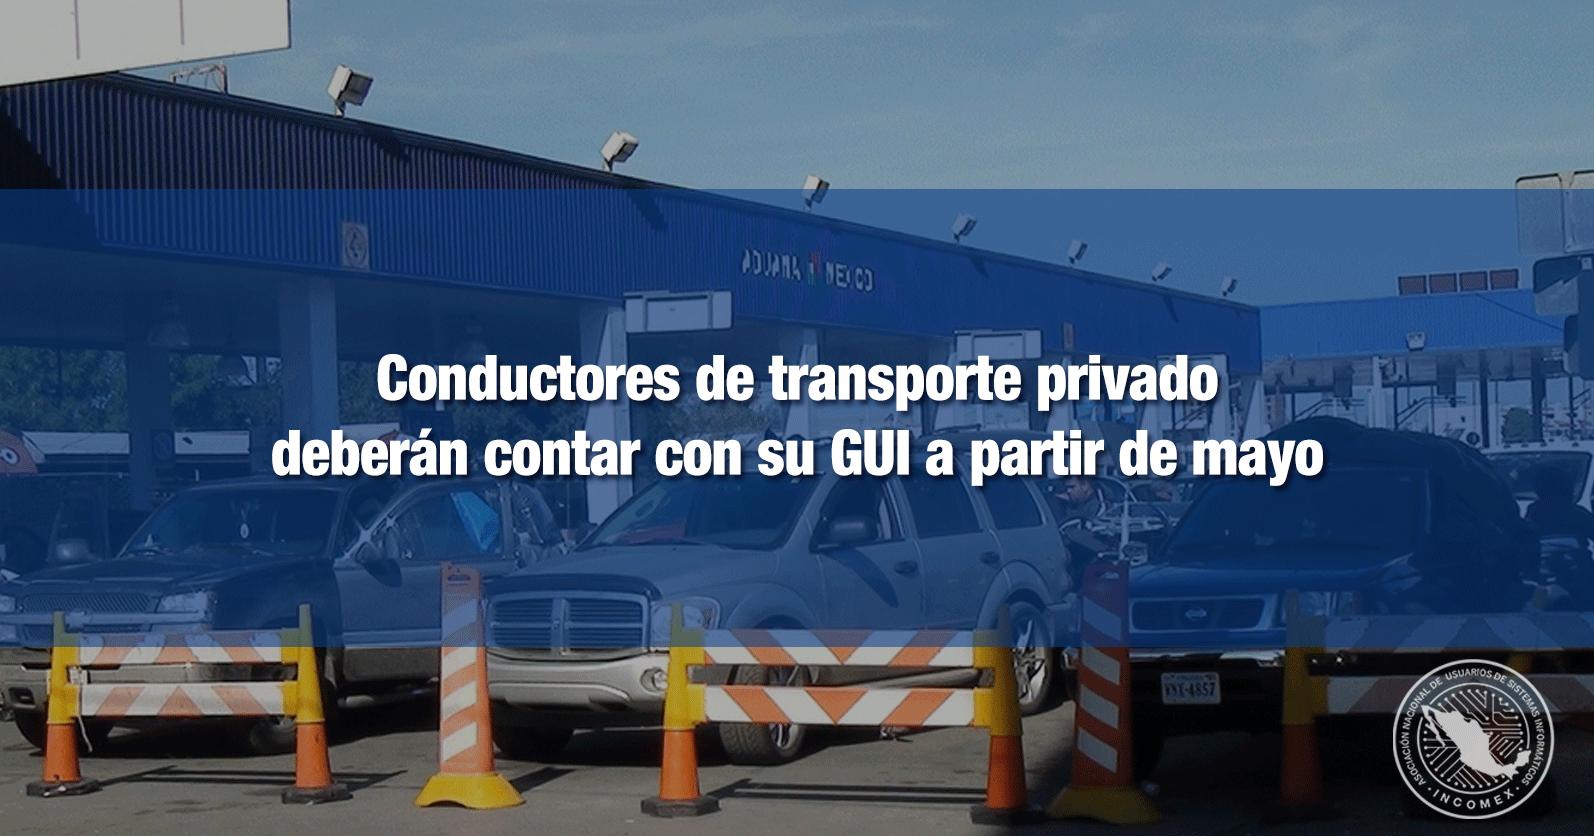 Conductores de transporte privado deberán contar con su GUI a partir de mayo